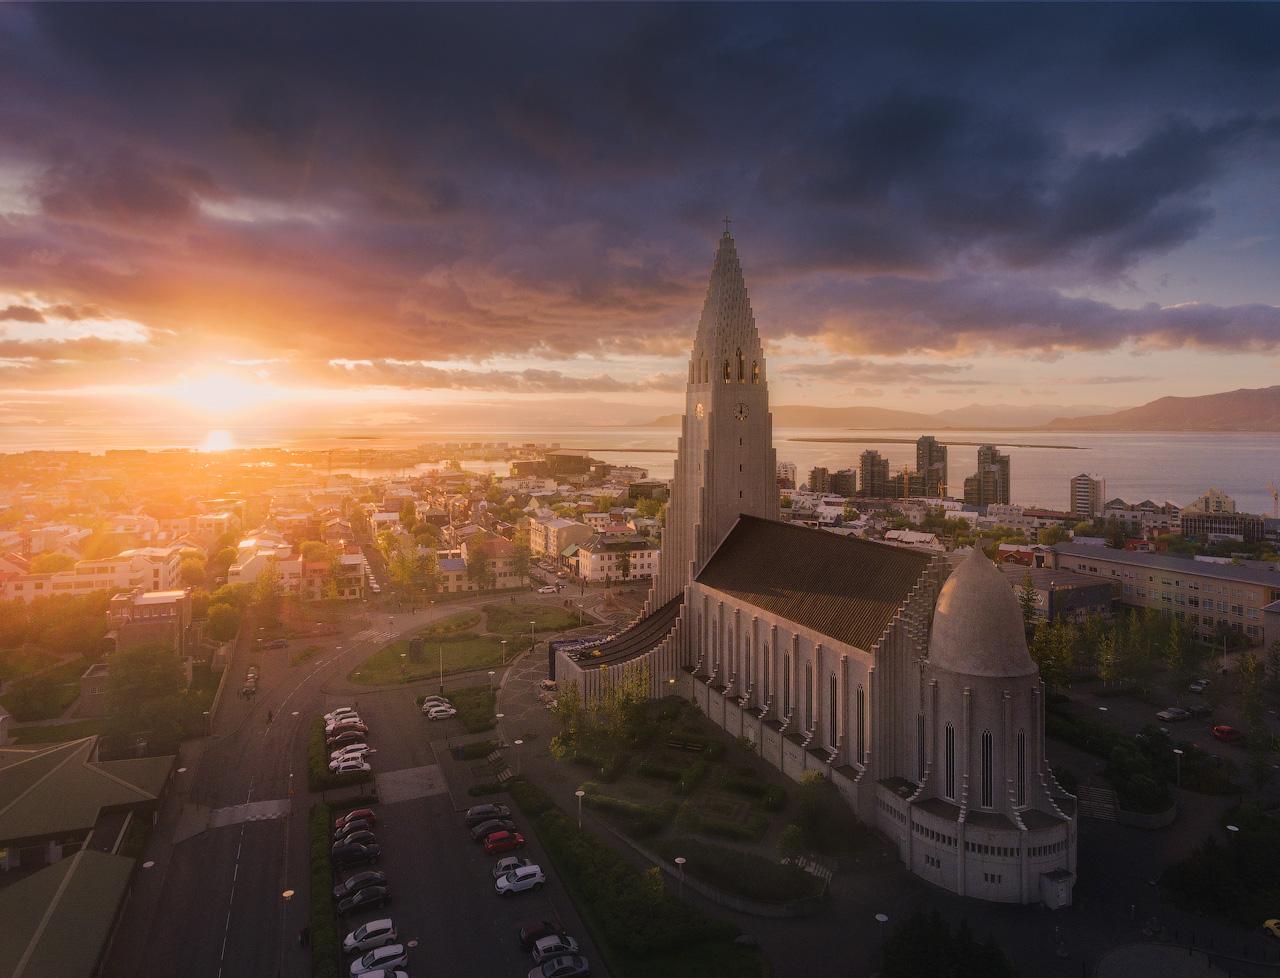 Puoi scattare molte fotografie anche nella capitale, Reykjavík.